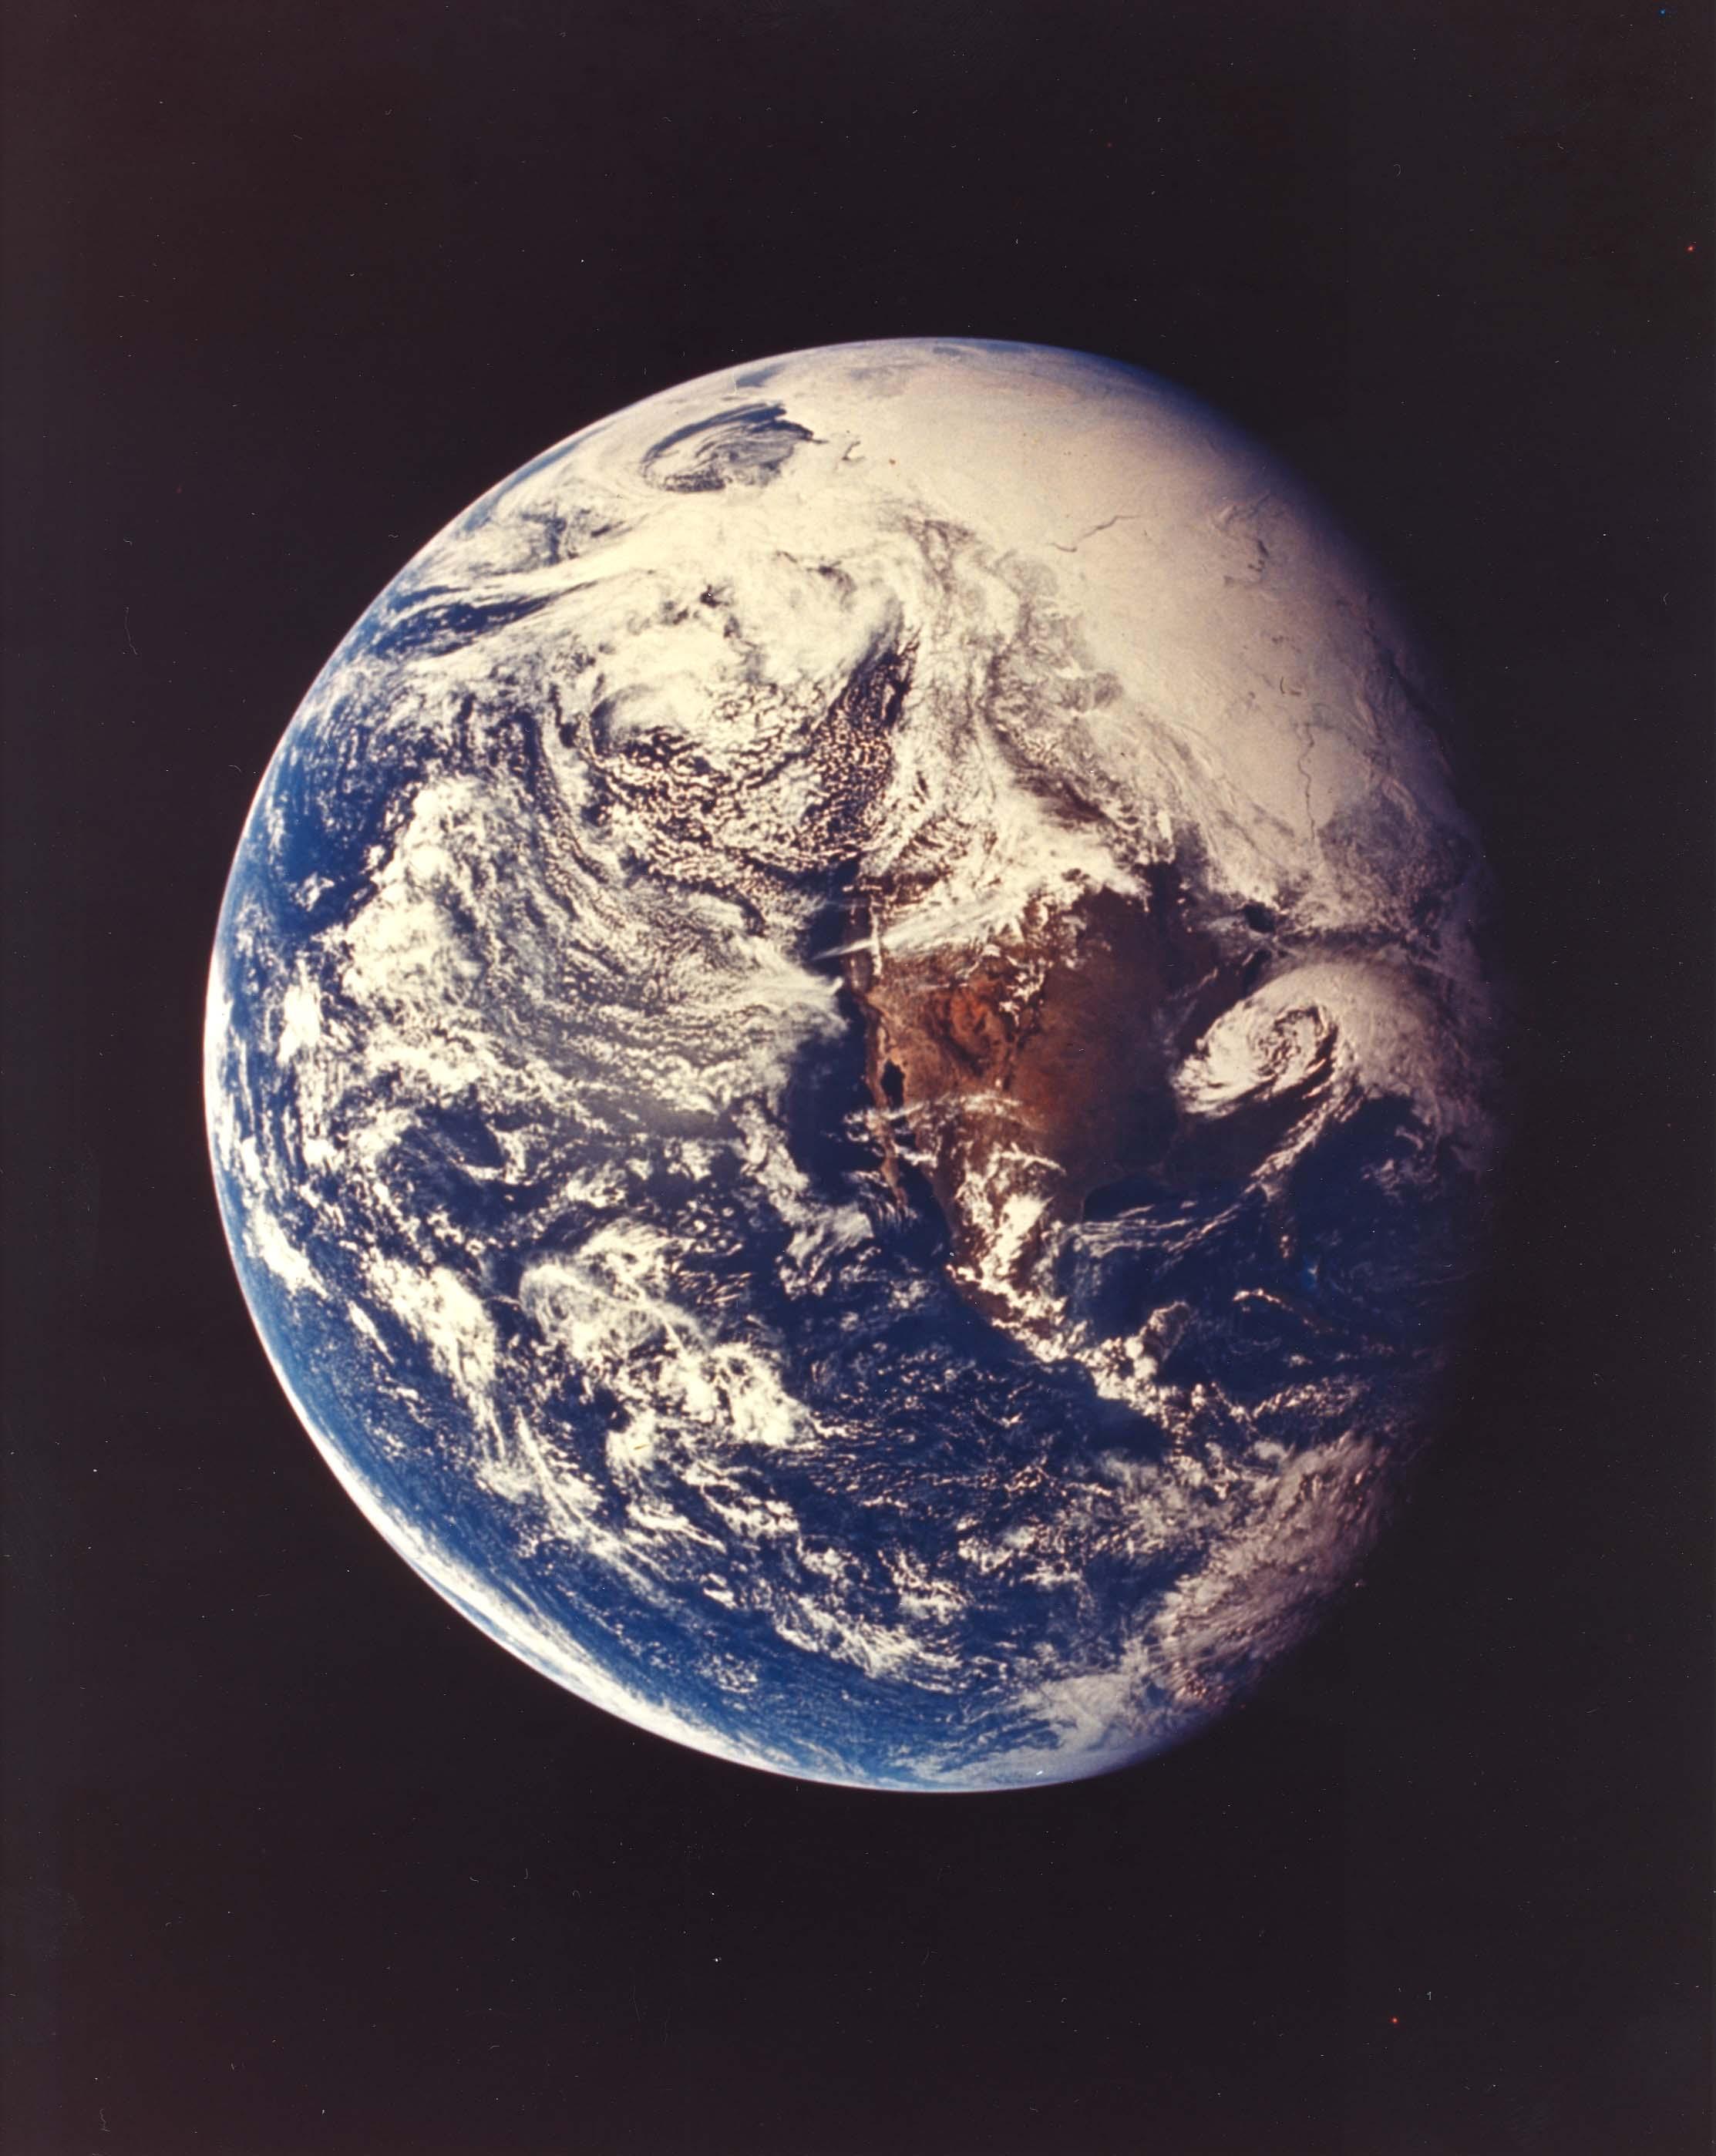 nasa photos earth - photo #34